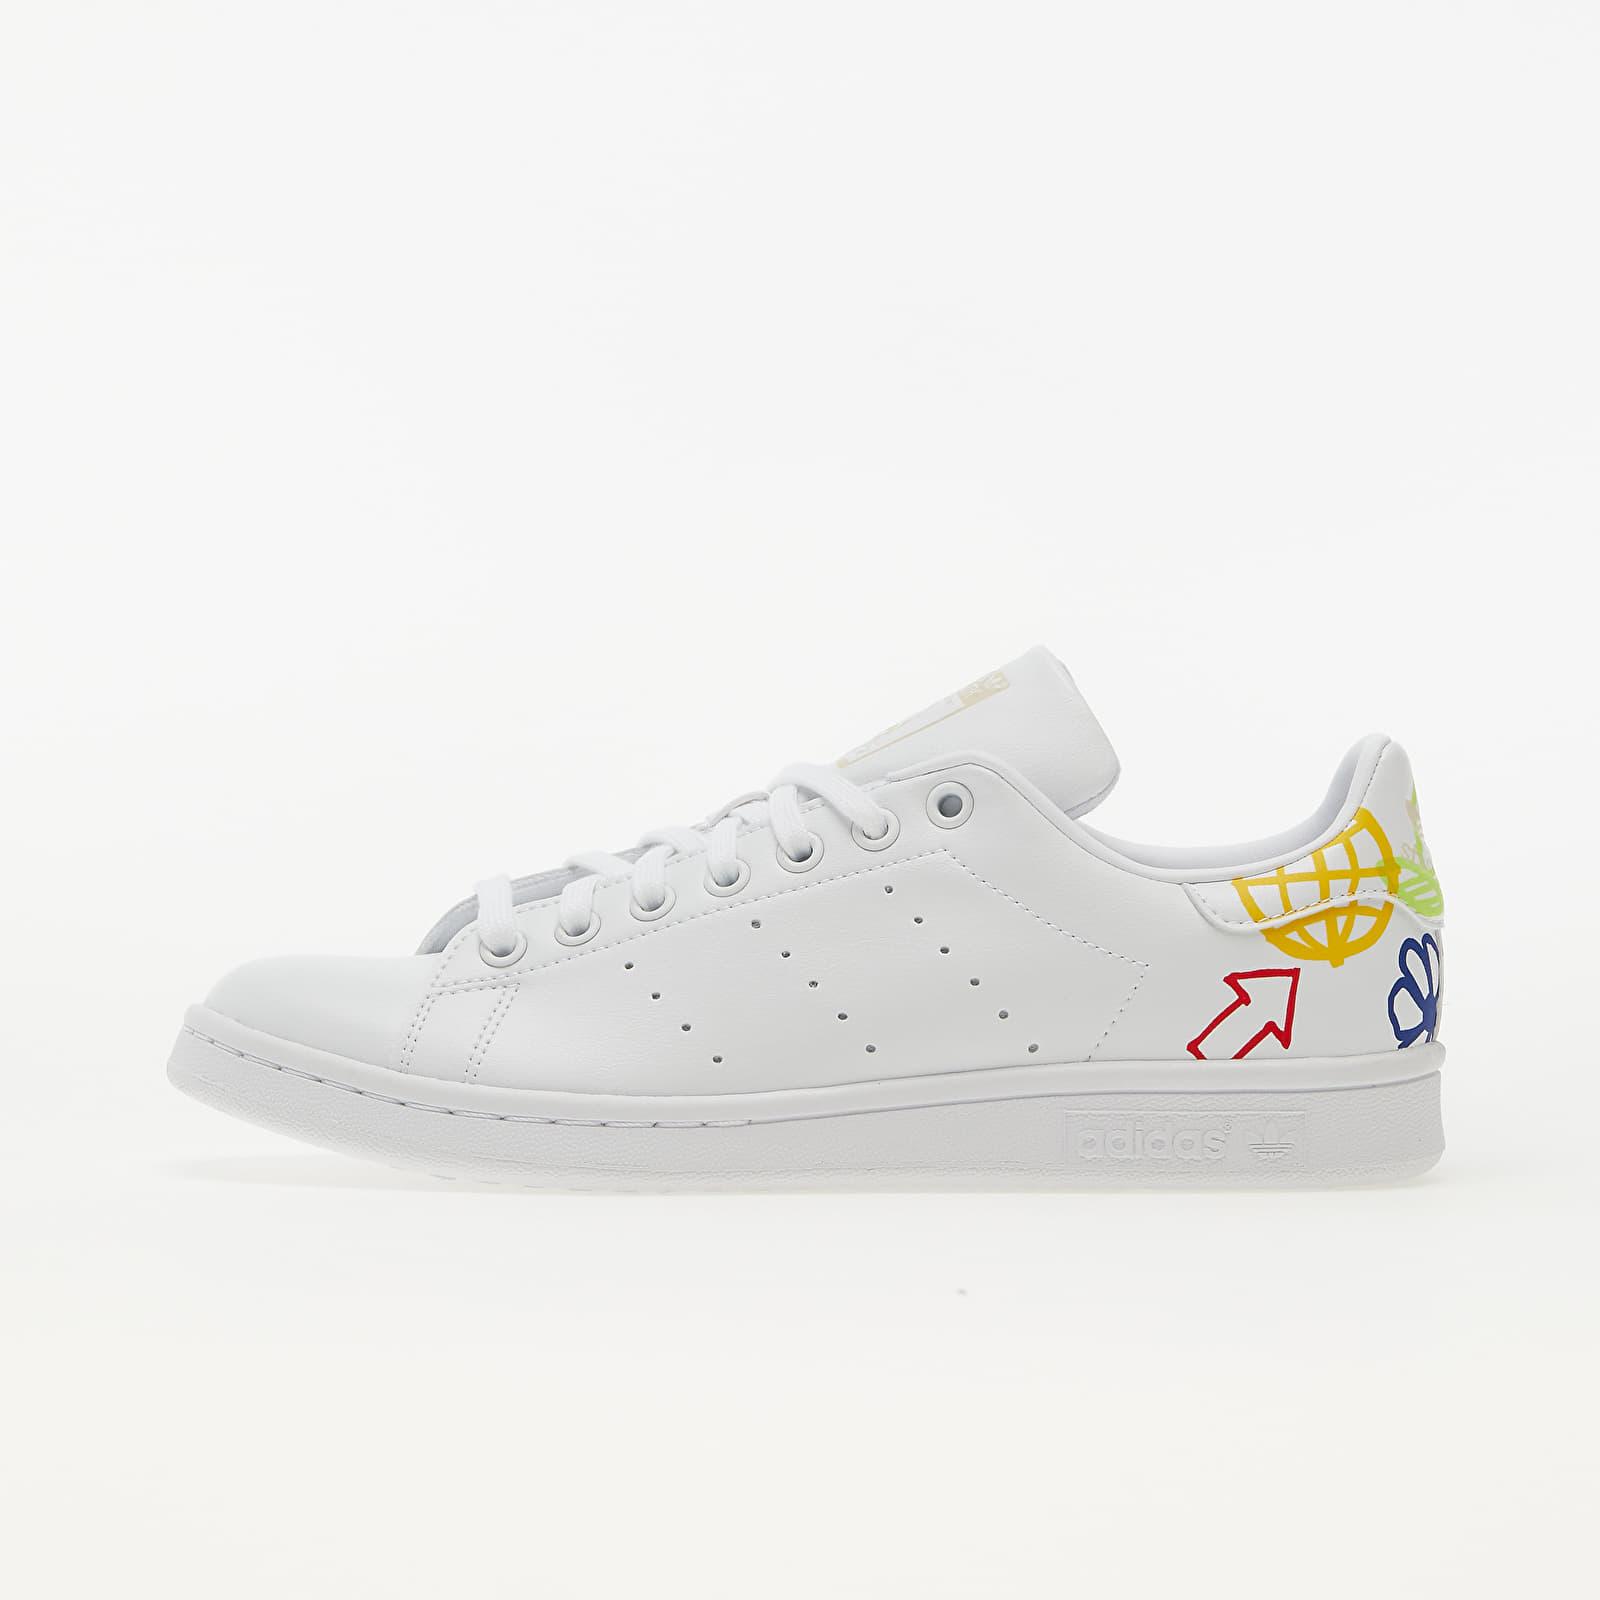 adidas Stan Smith W Ftw White/ Halo Ivory/ Ftw White EUR 39 1/3